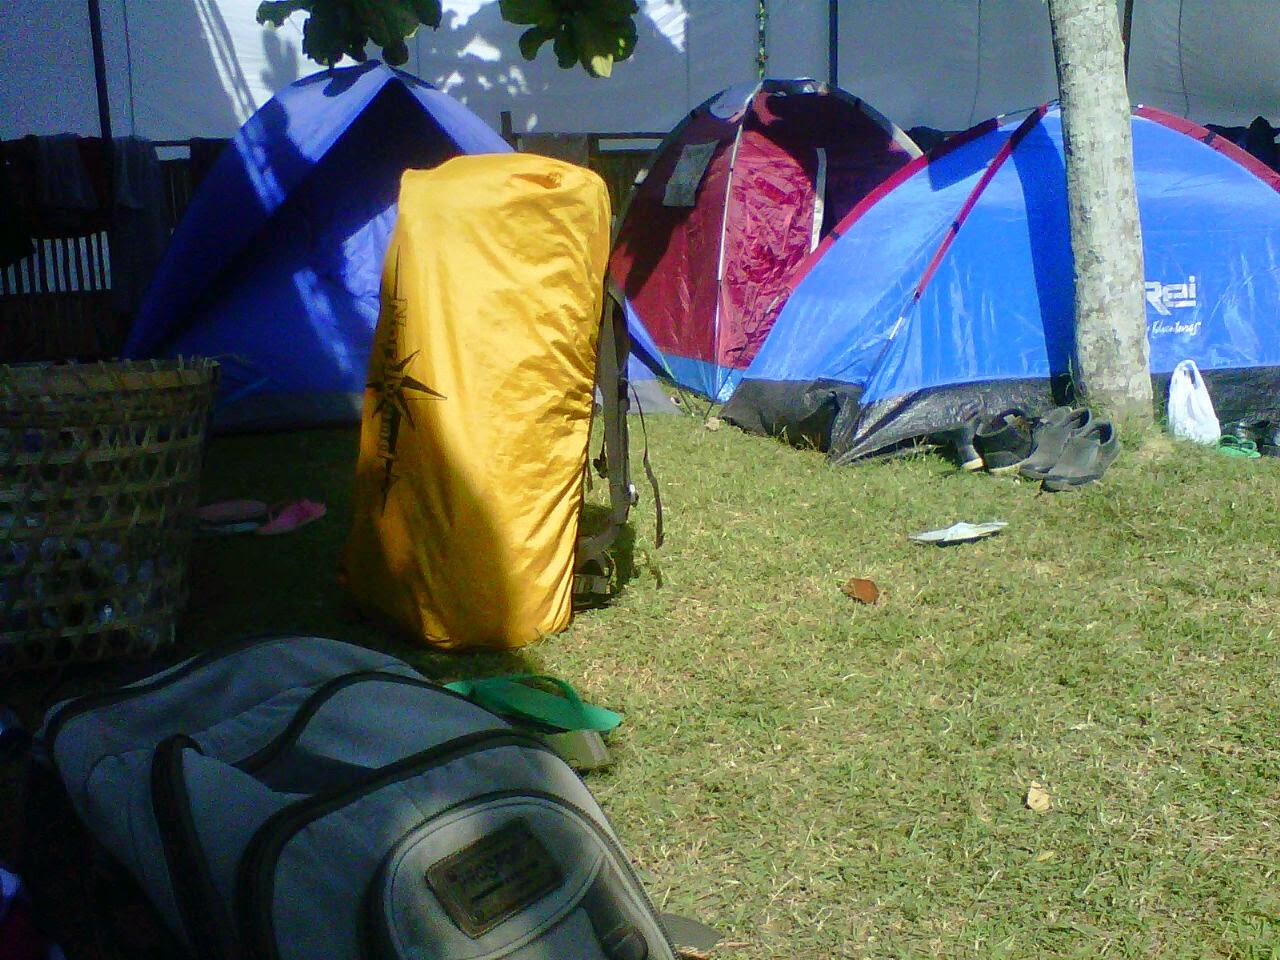 #daurohbantul, dauroh bantul, tenda santri dan alam